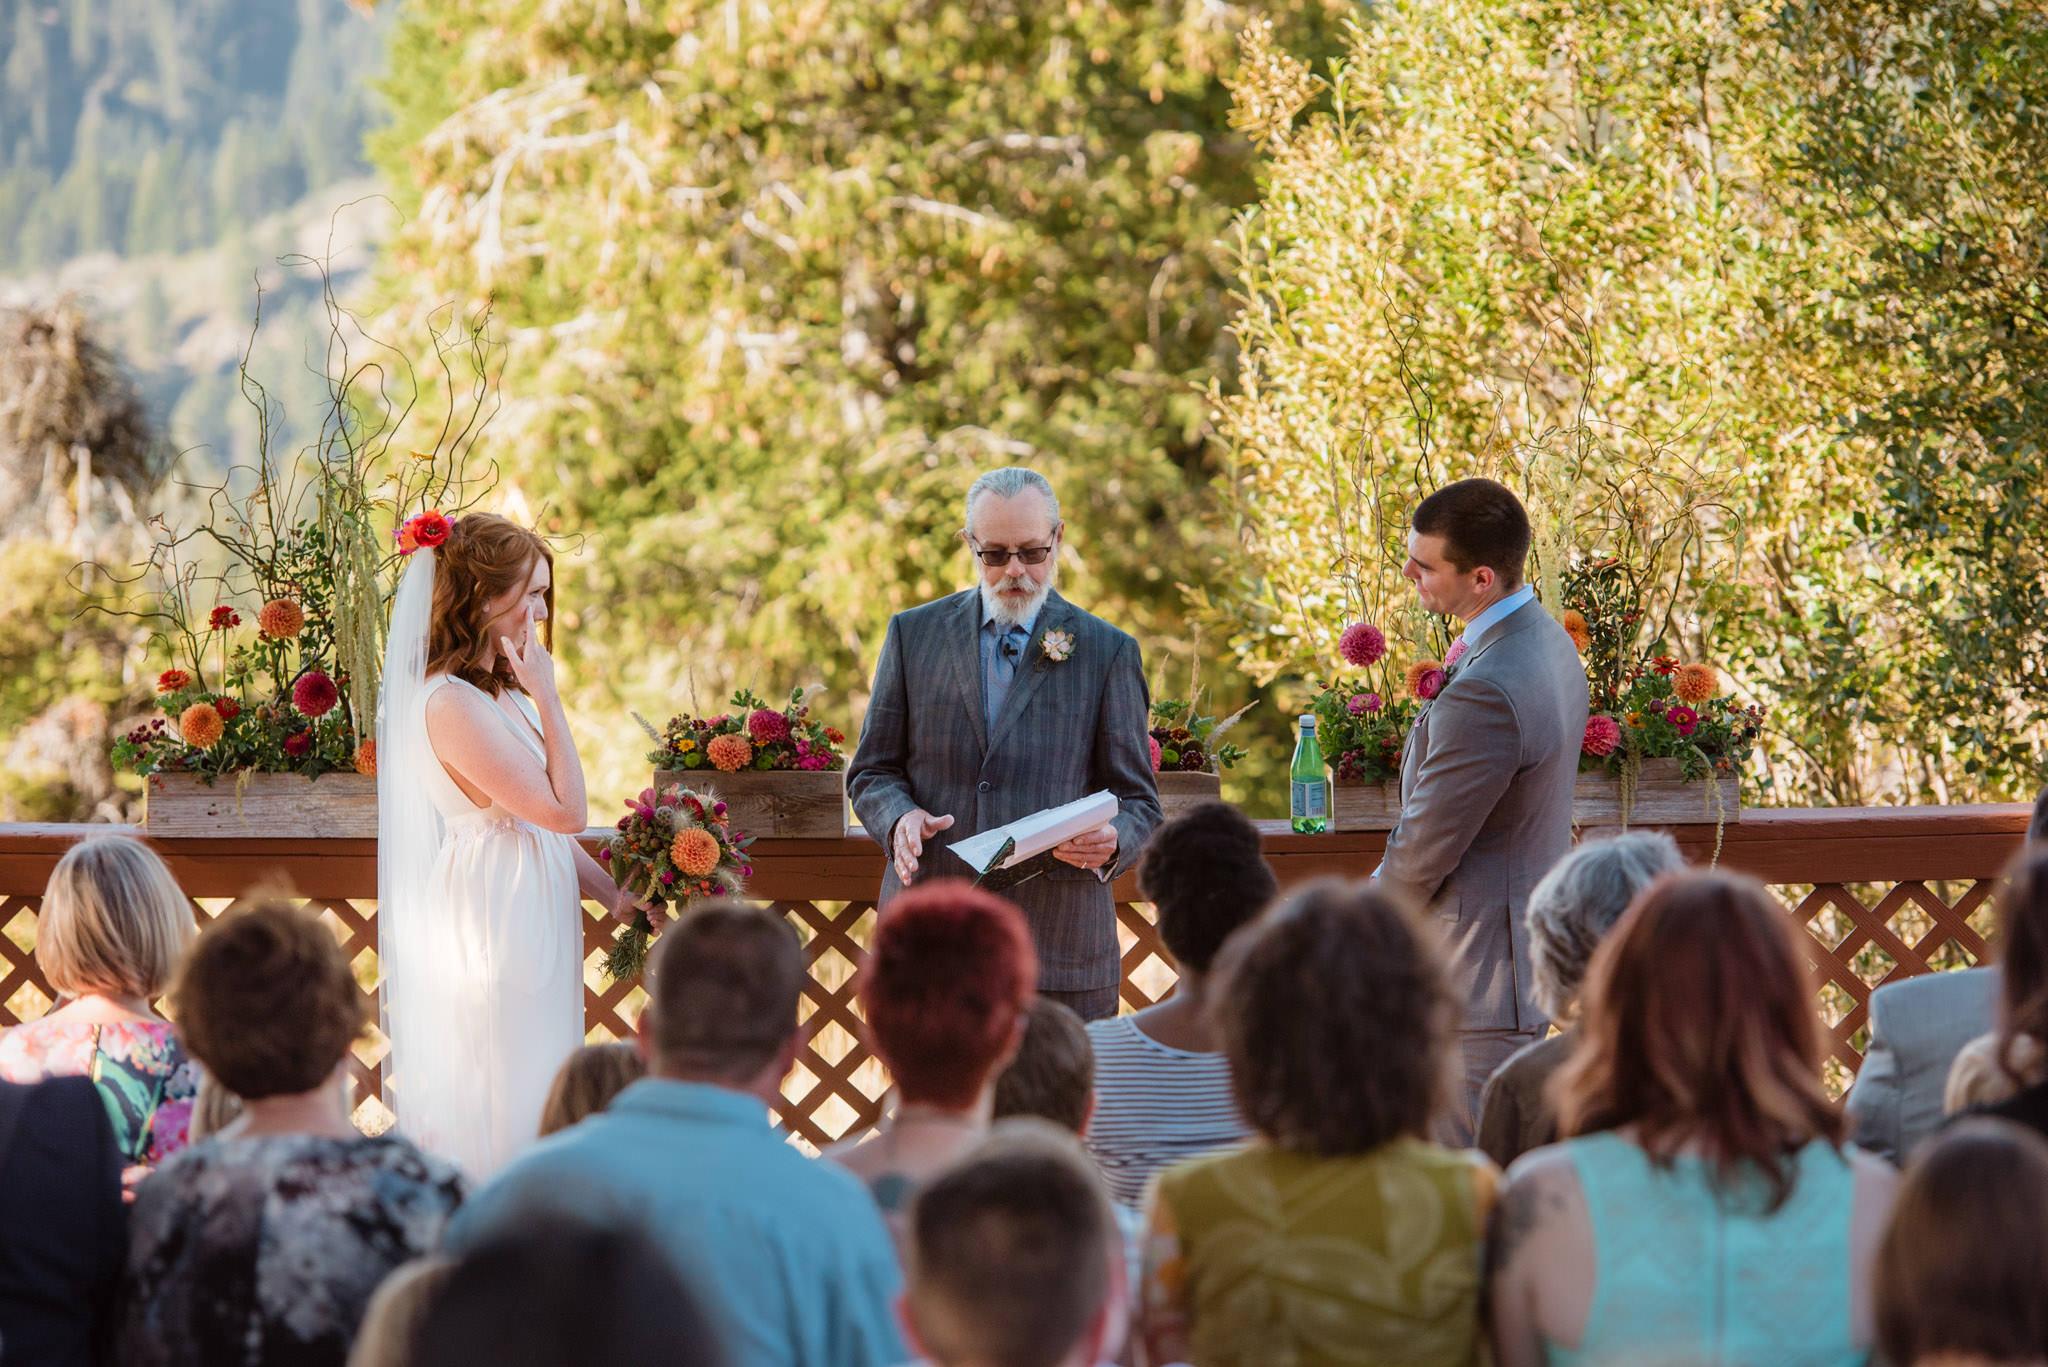 Zilla Photography - Bogus Basin Idaho Outdoor Summer DIY Wedding-10.jpg